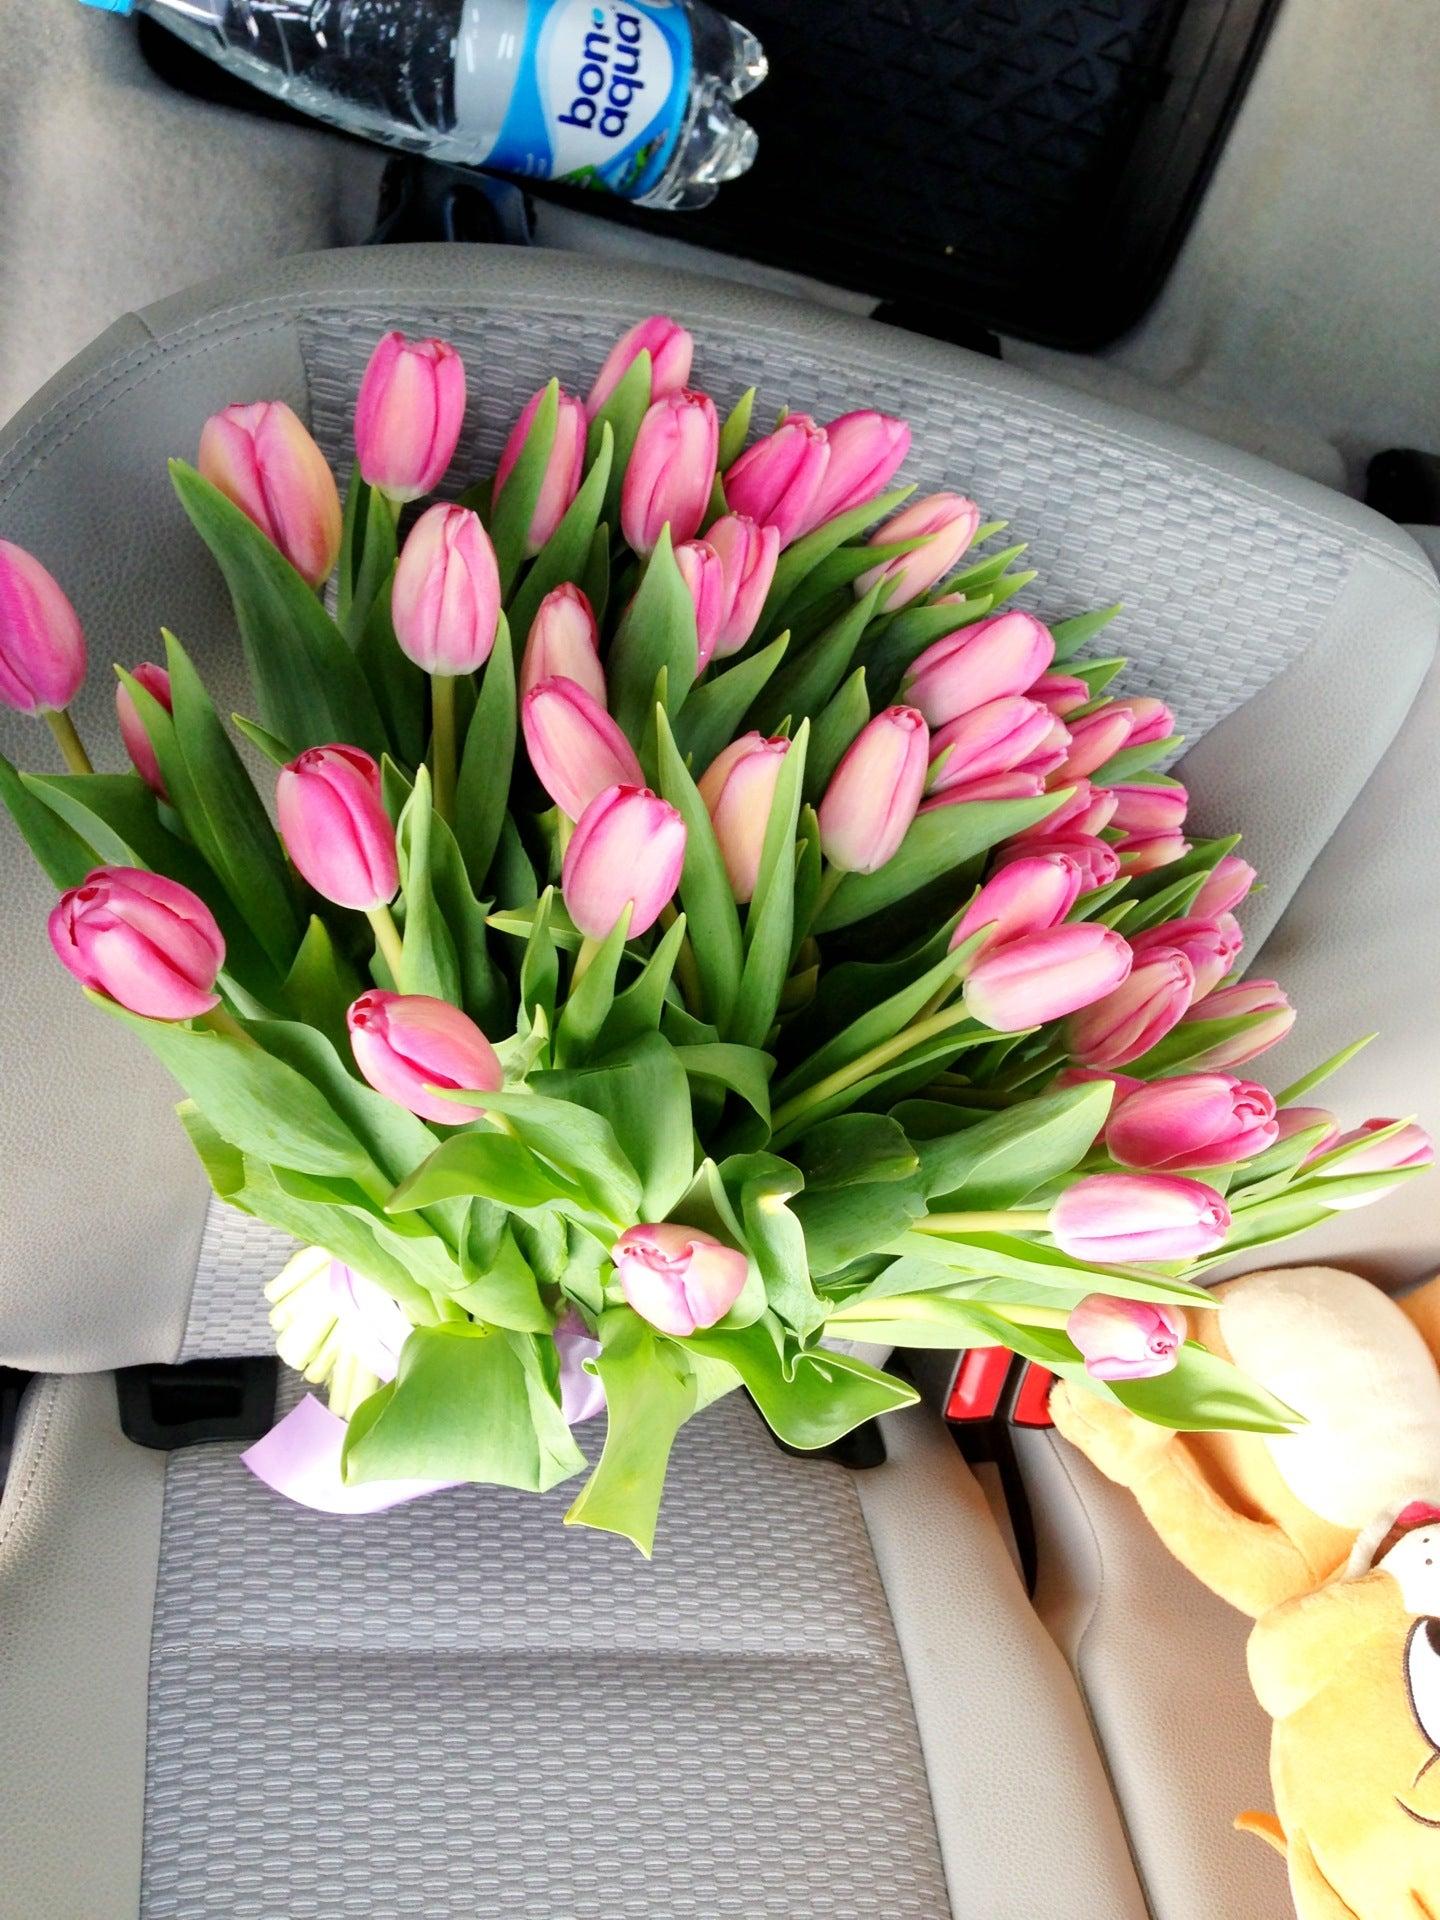 Где купить цветы оптом в юзо в москве где можно заказать цветы с доставкой на до